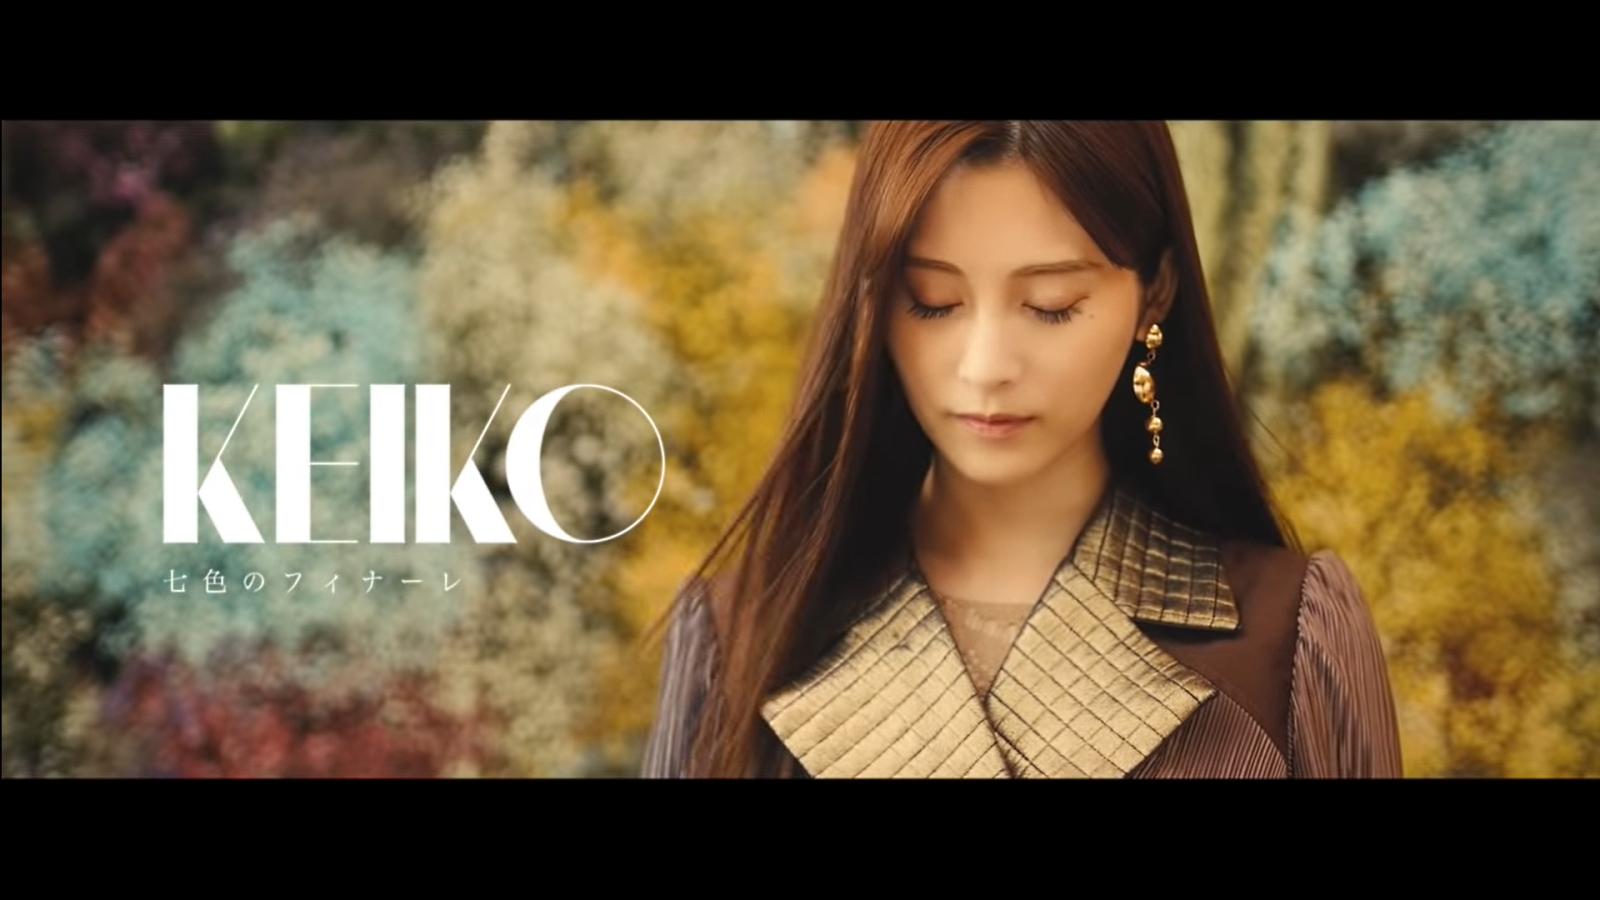 KEIKO releases her debut album